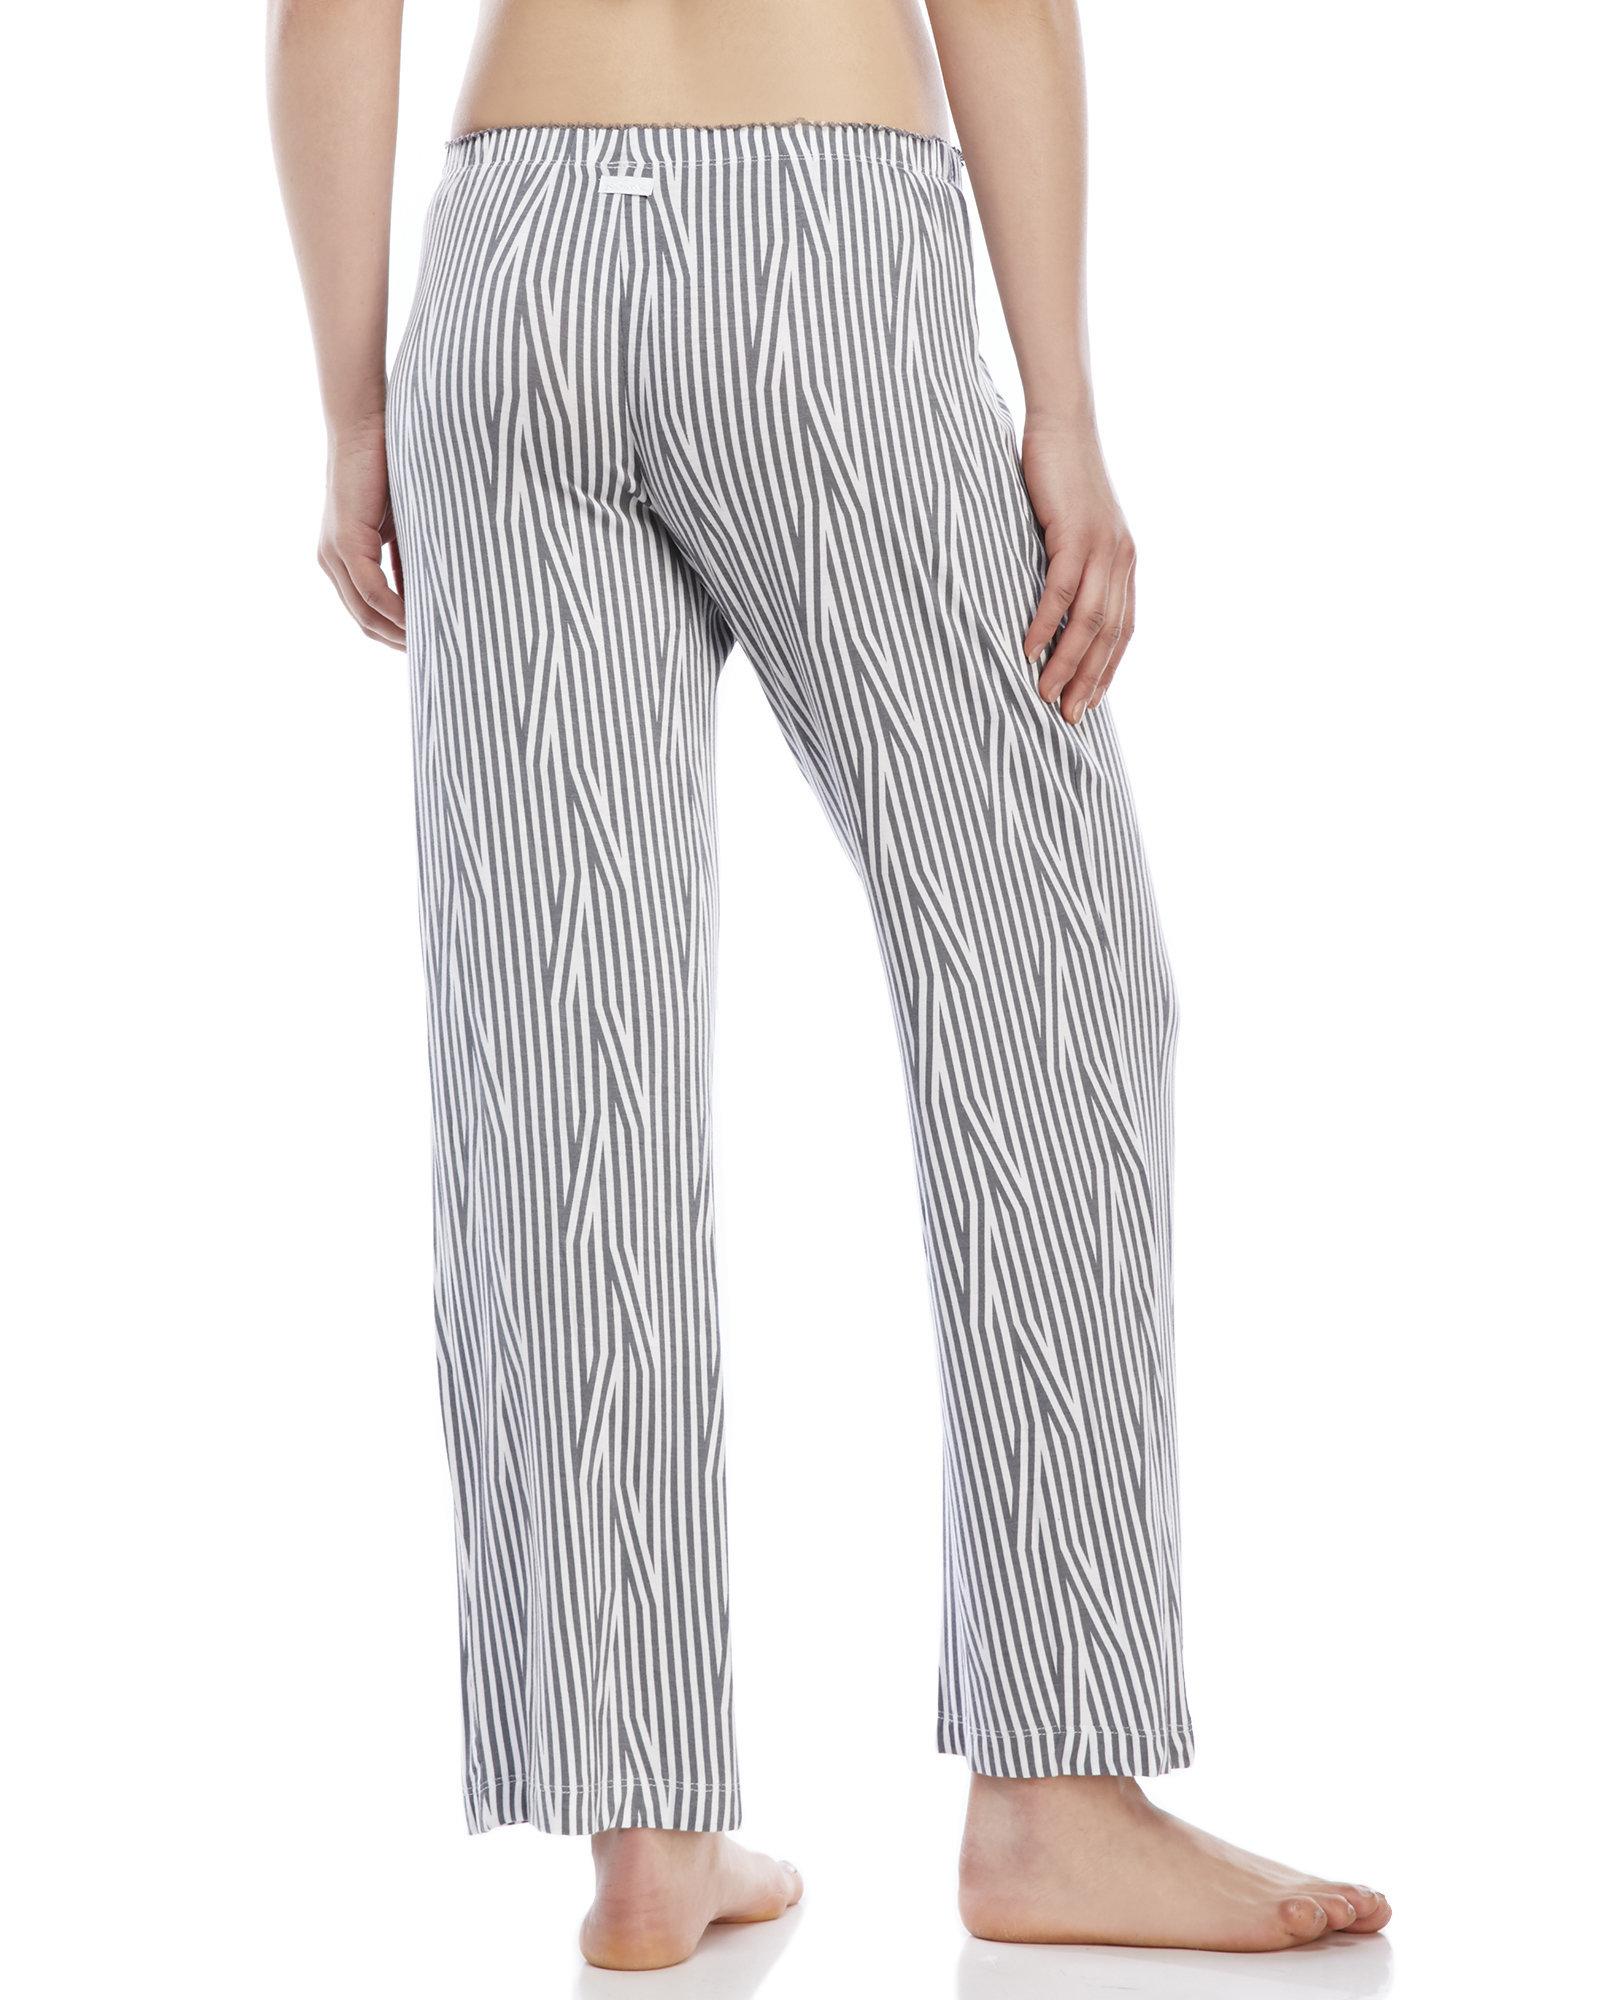 Lyst - Kensie Printed Pajama Pants in Gray f20855198